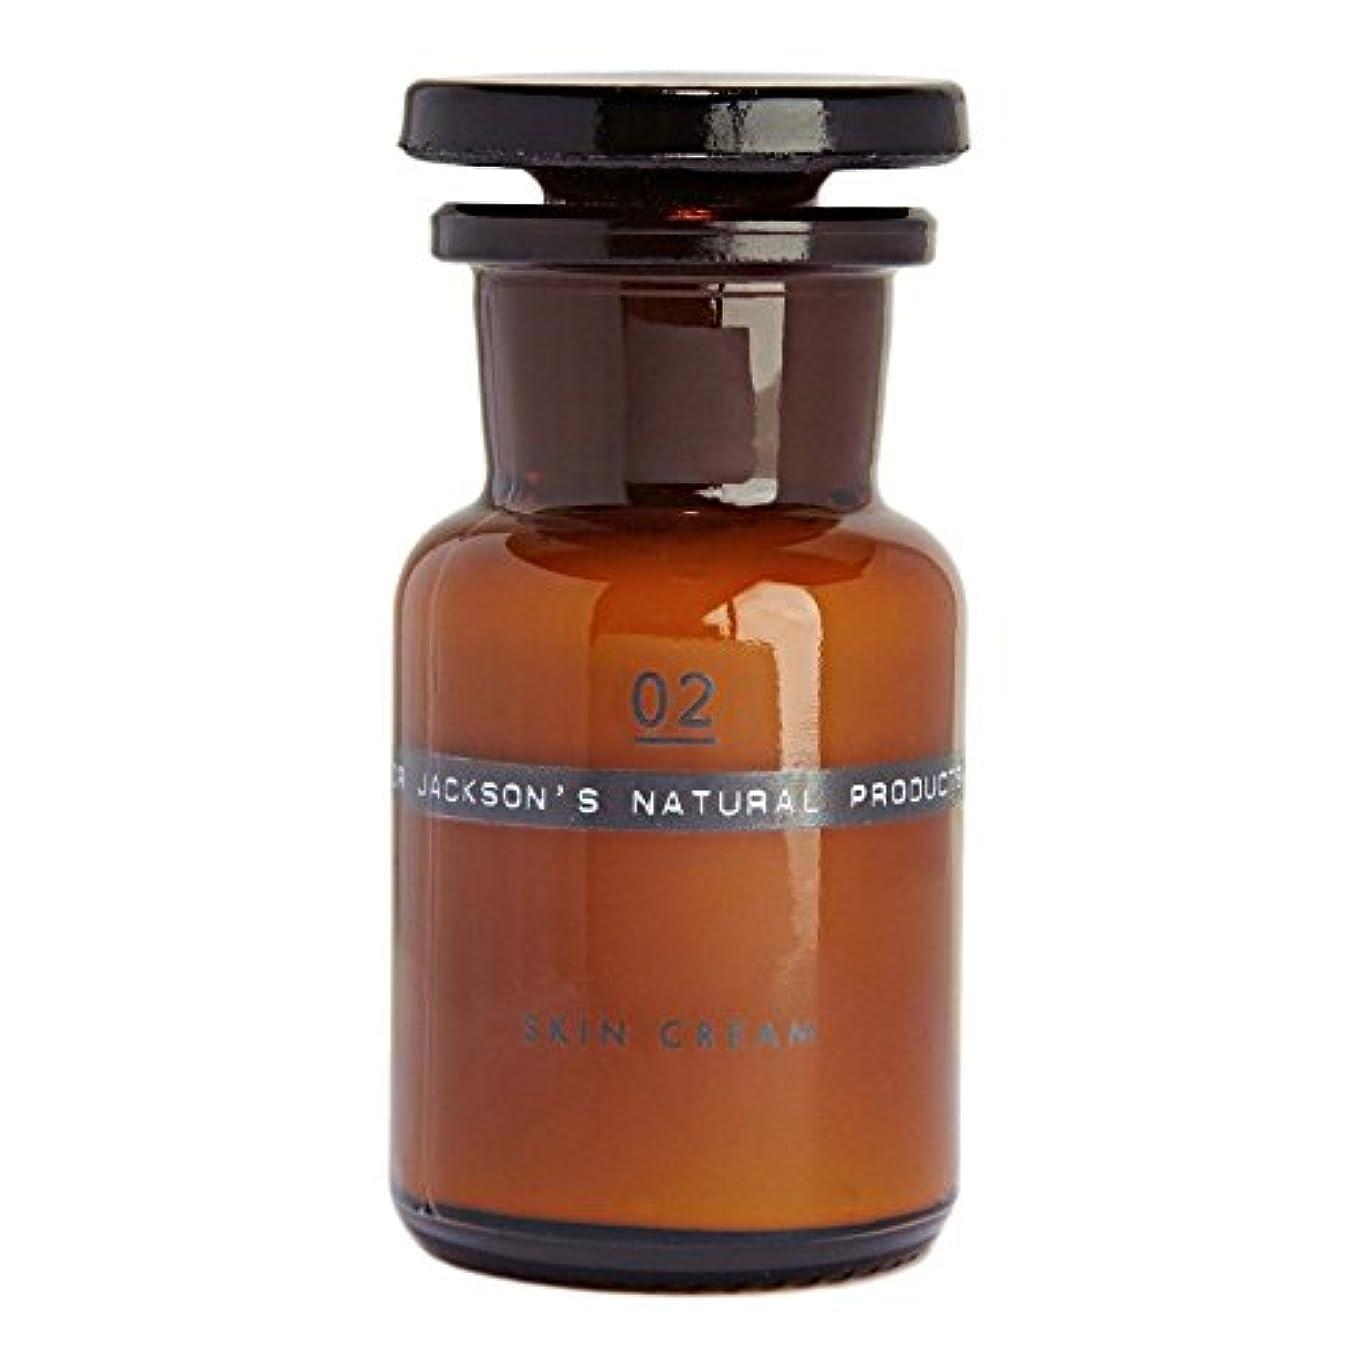 カードあまりにも確実Dr Jackson's 02 Skin Cream 50ml (Pack of 6) - ジャクソンの02スキンクリーム50ミリリットル x6 [並行輸入品]